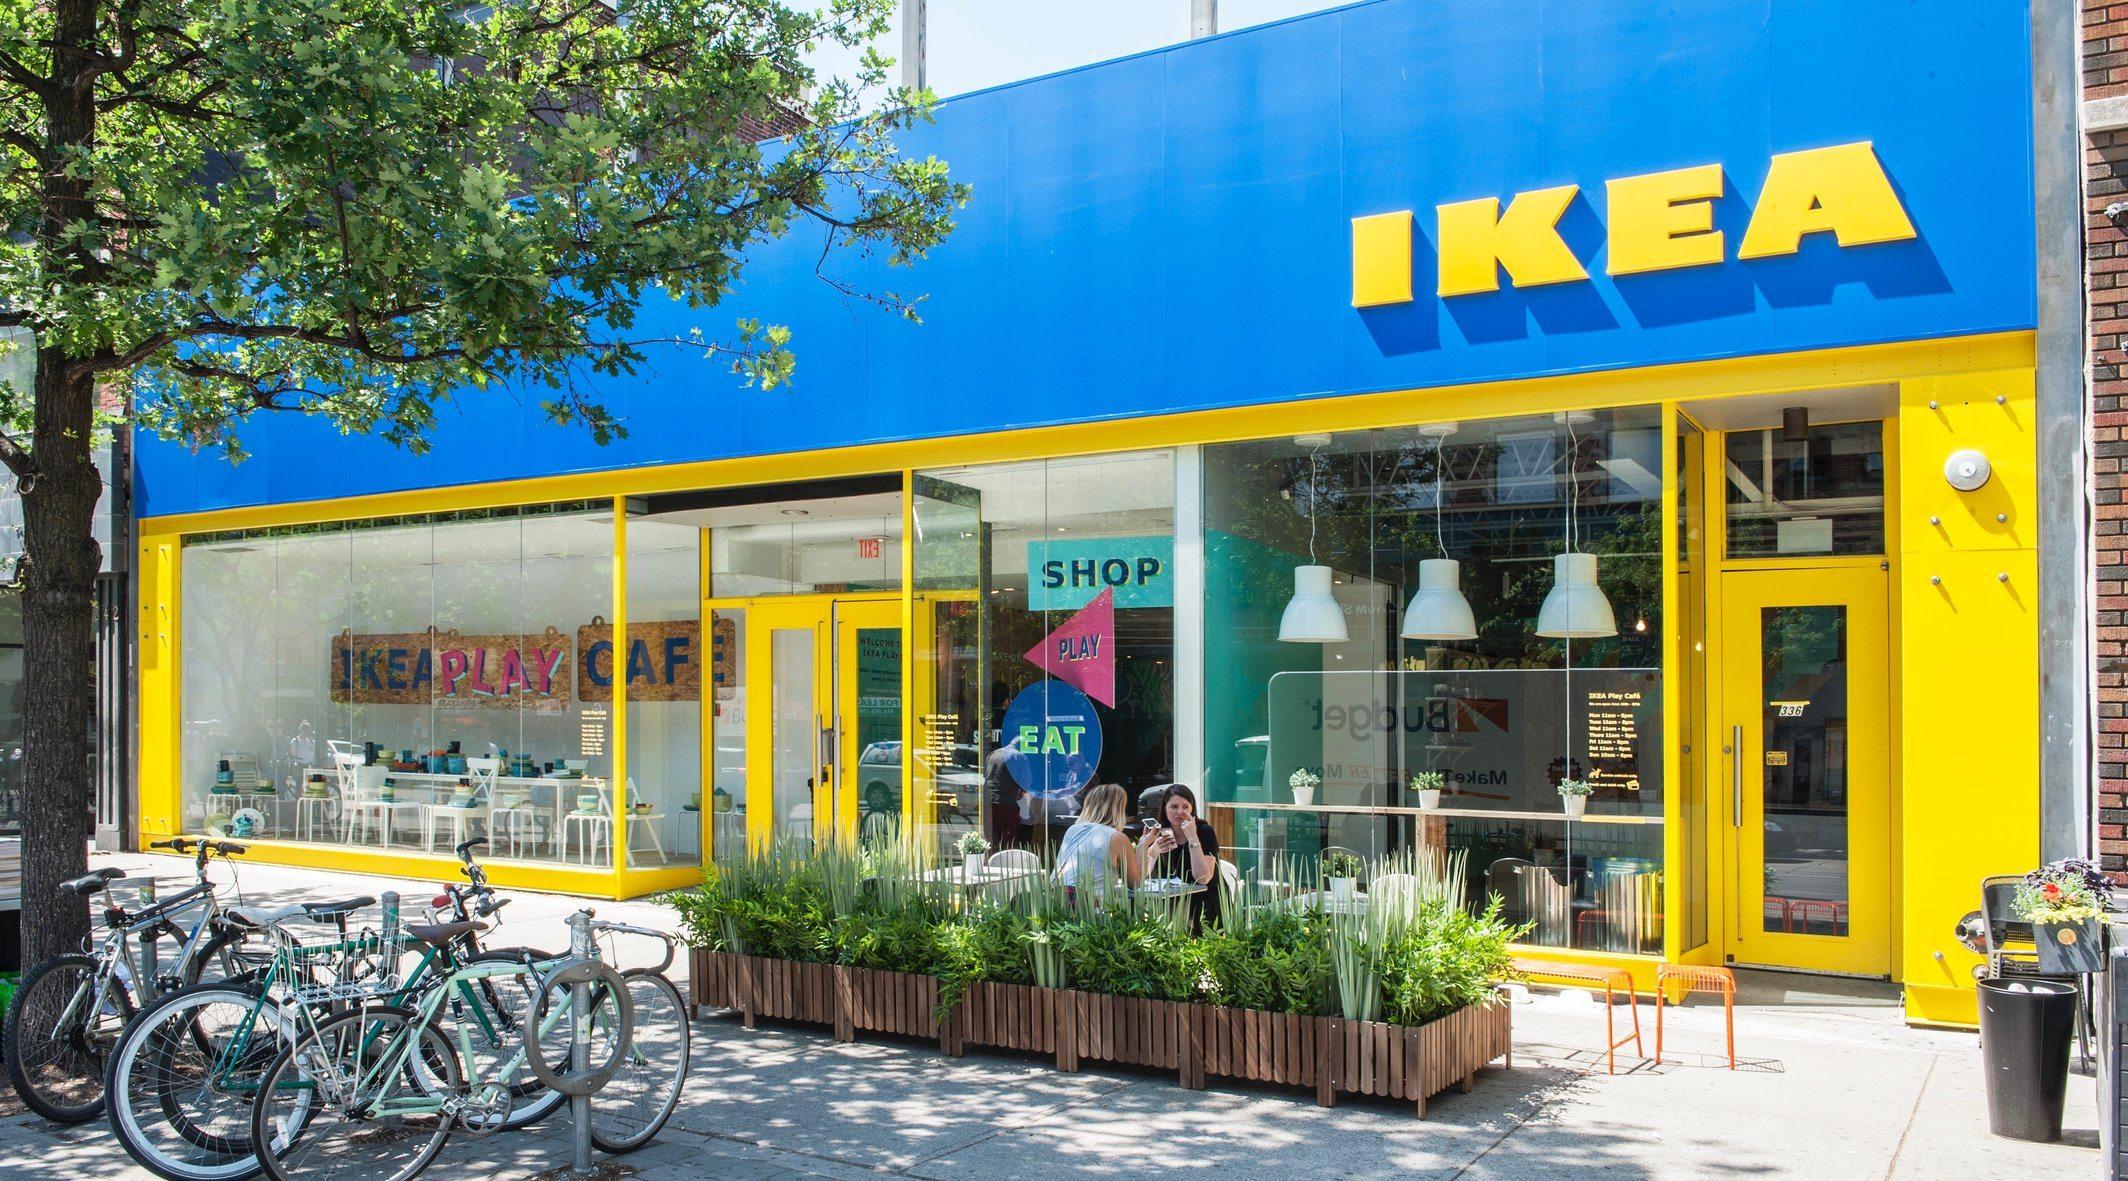 Rsz ikeaplaycafe storefront2 1